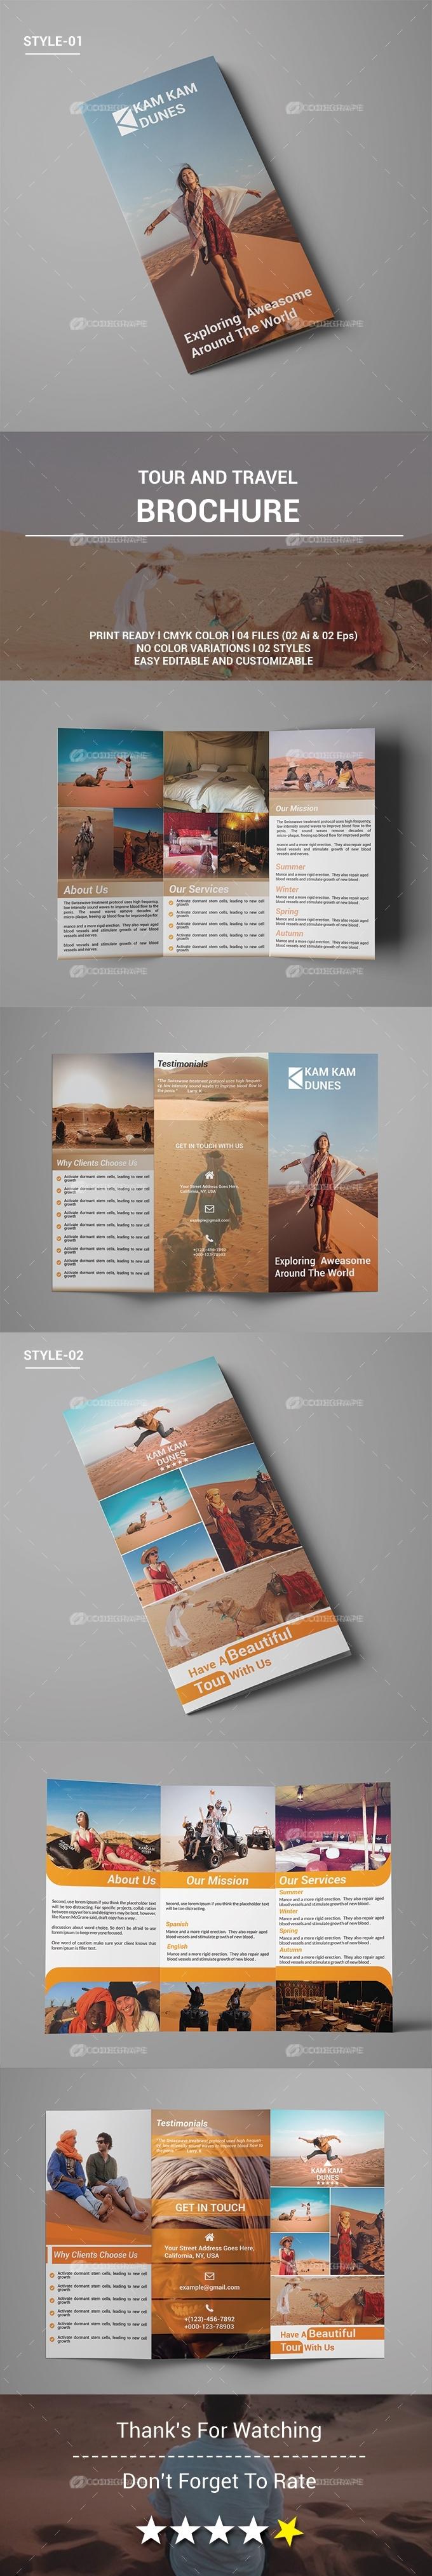 Tour & Travel Brochure